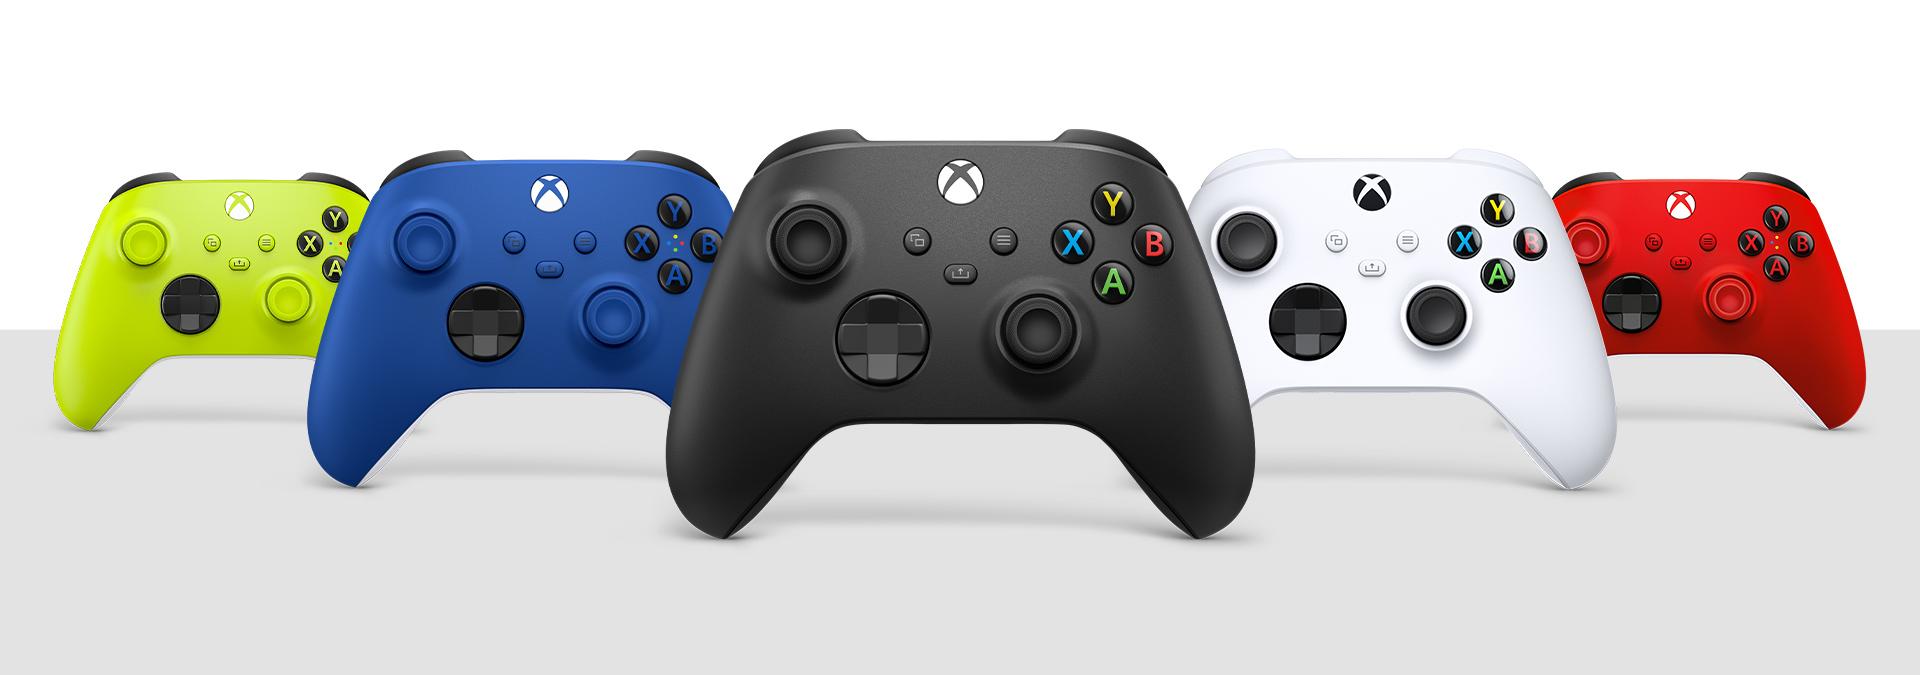 Xbox Wireless Controller in diverse colorazioni